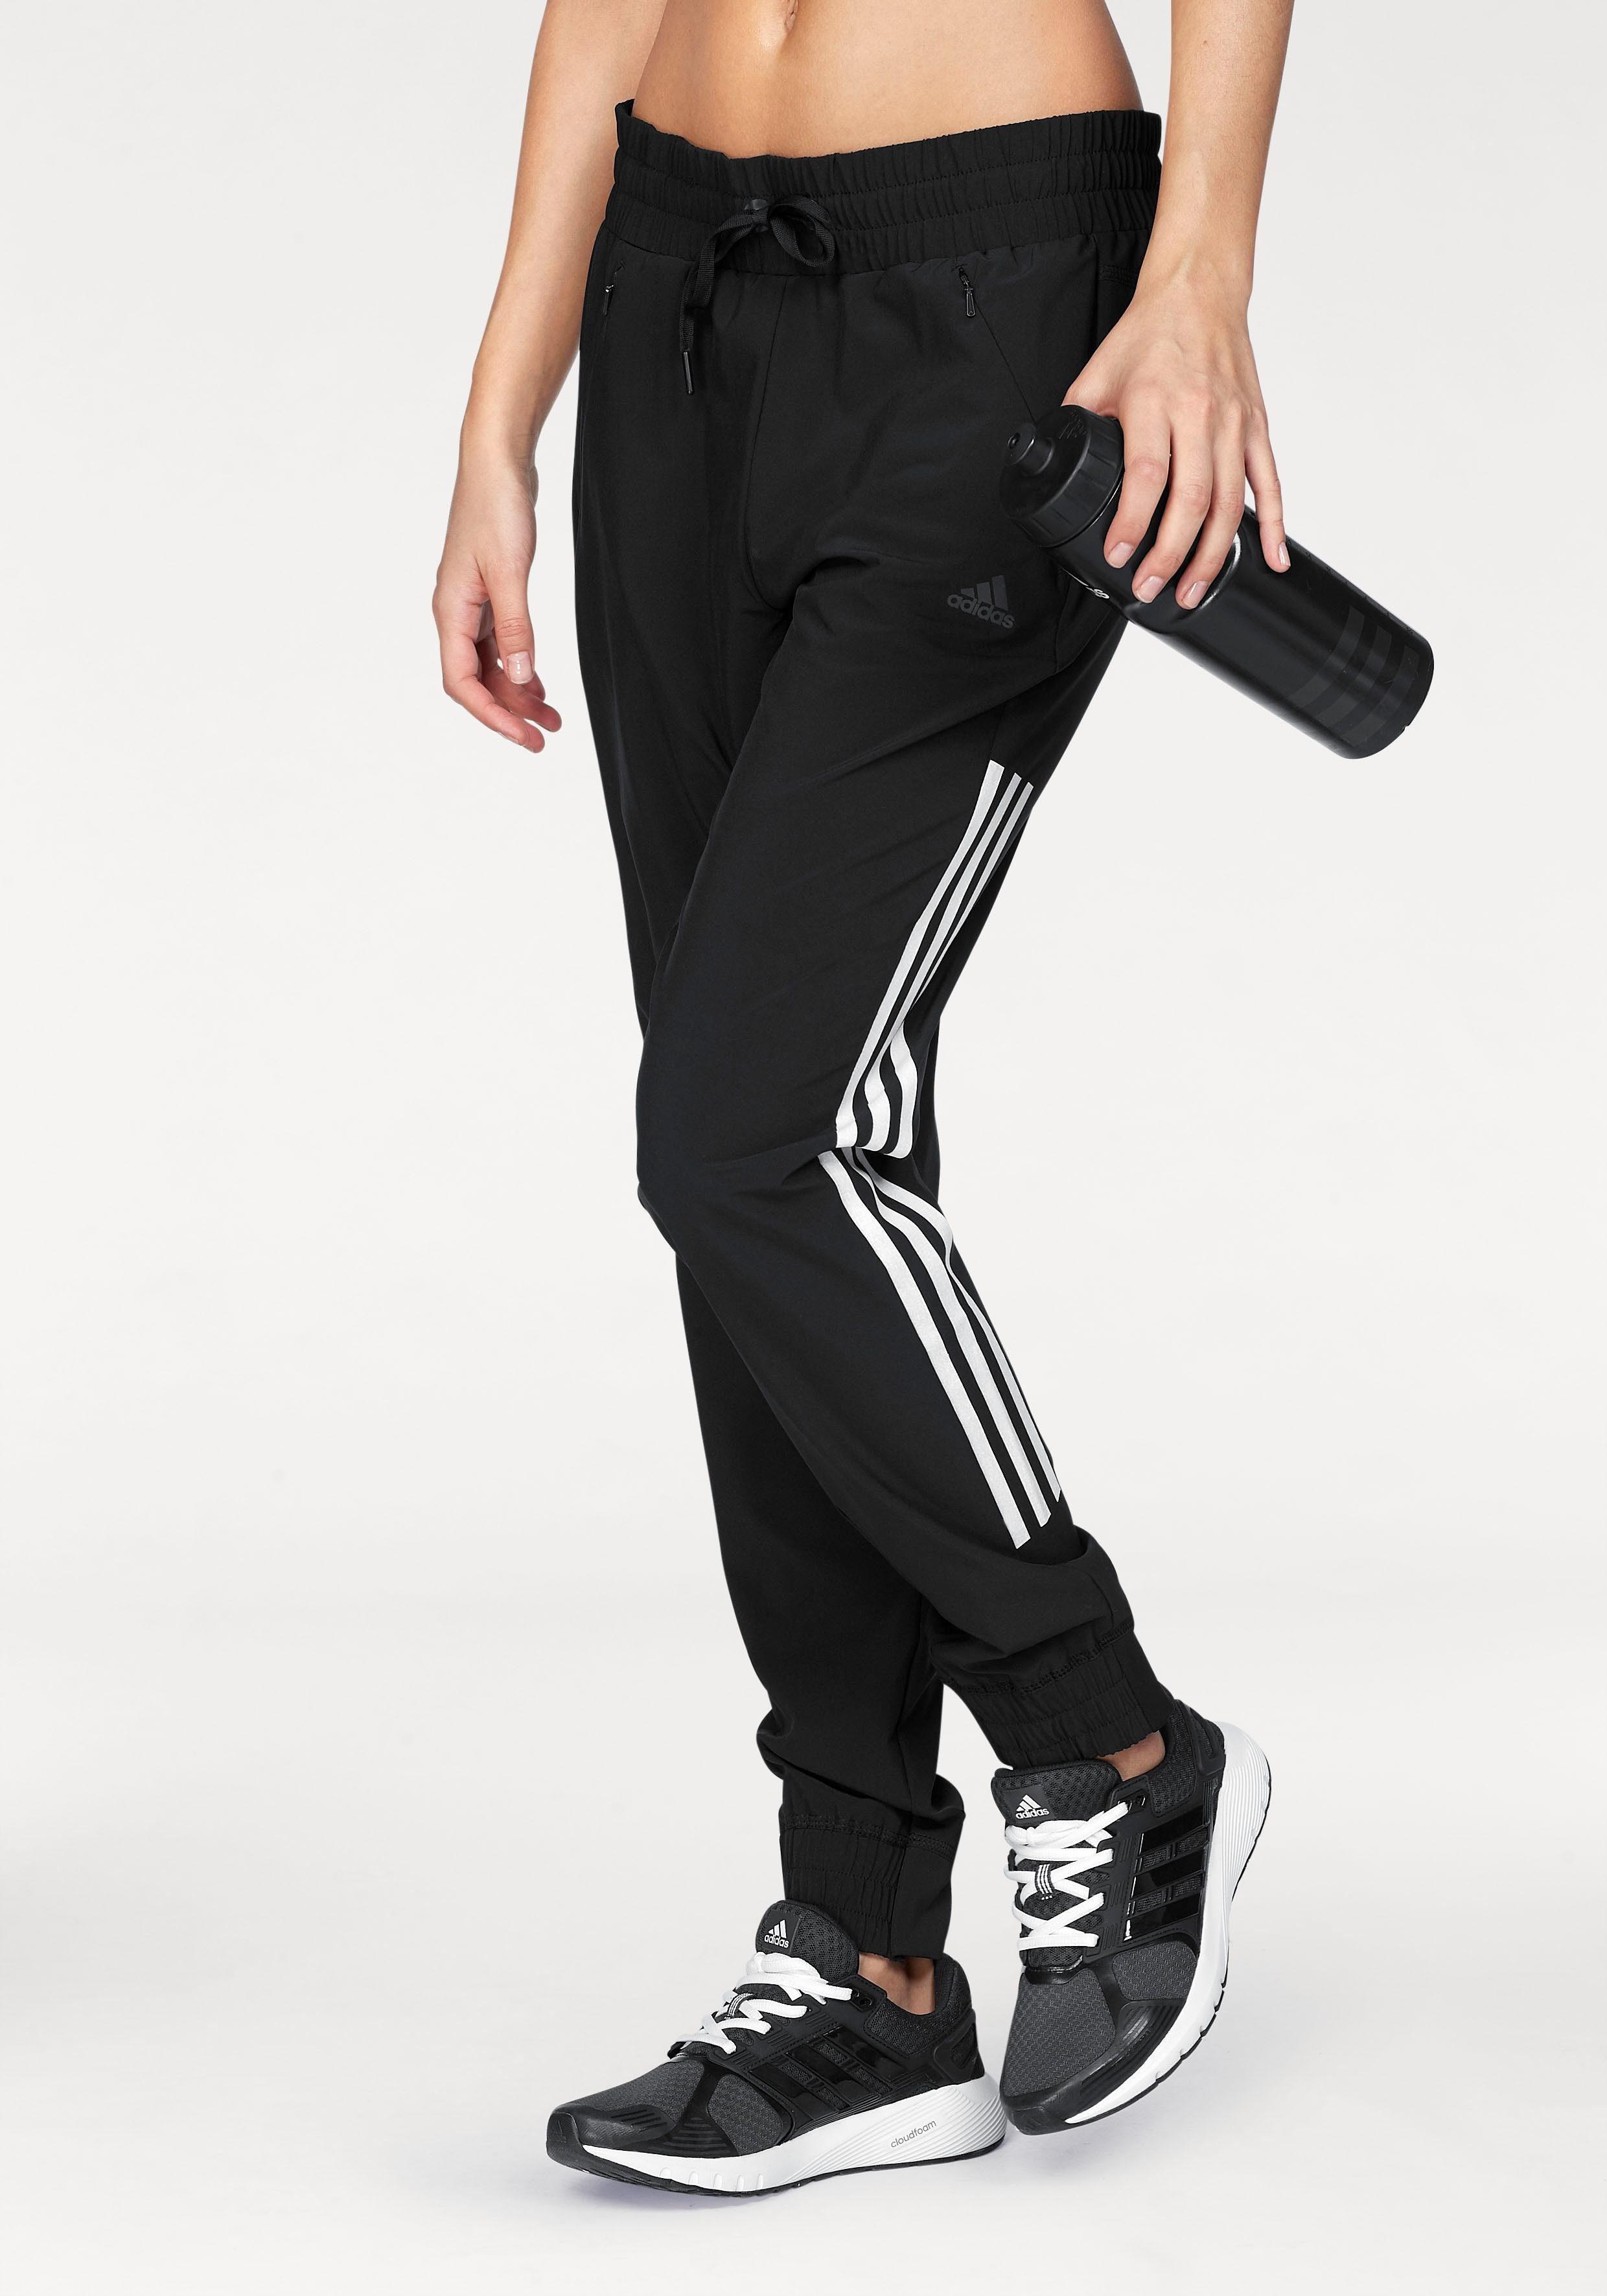 Adidas Woven 34 Hose weiß rot schwarz : Adidas Neue